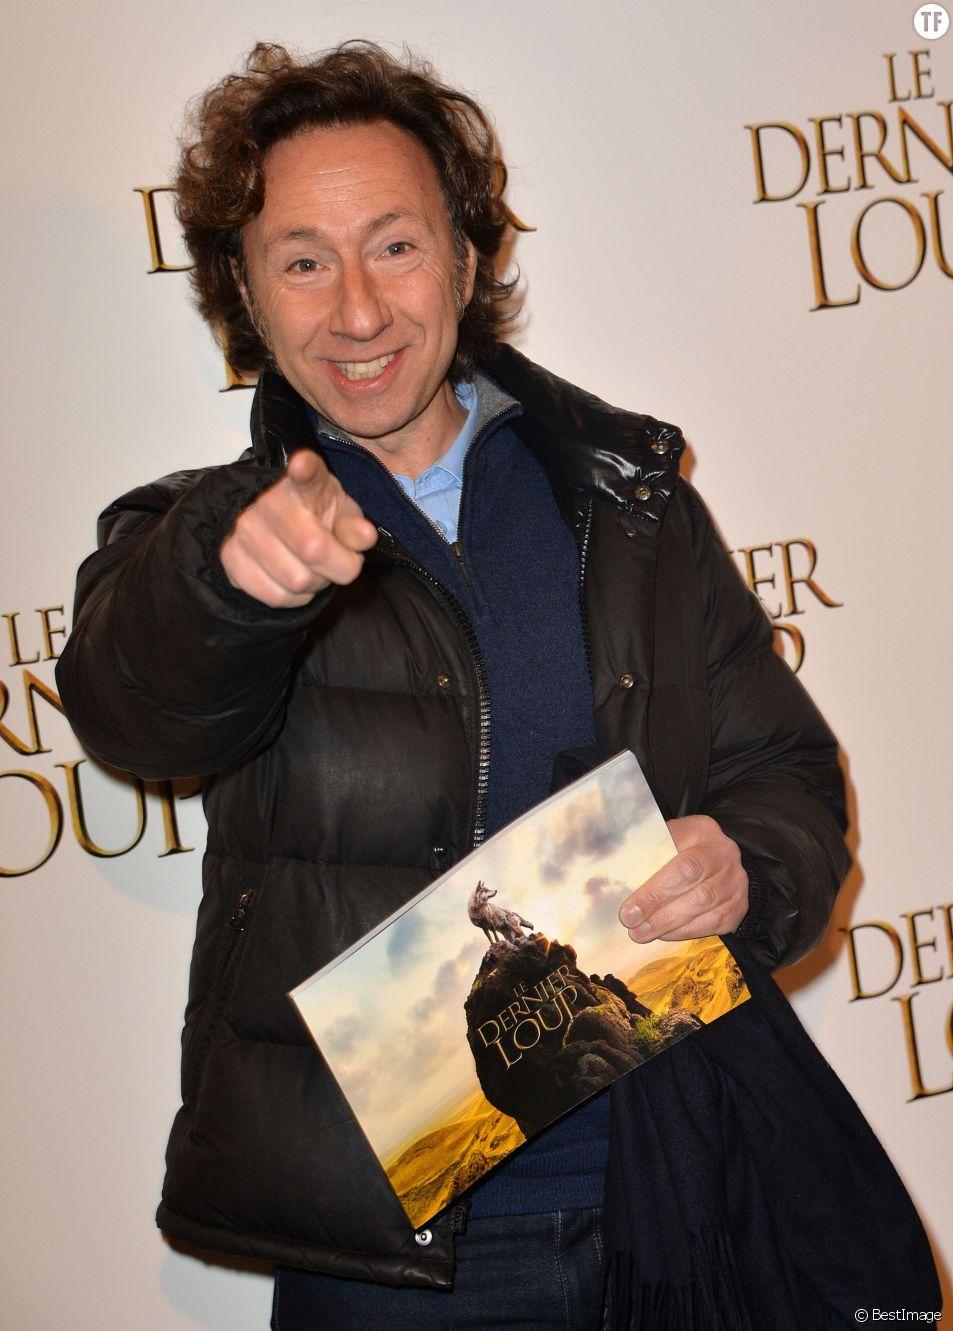 """Stéphane Bern - Avant-première du film """"Le dernier Loup"""" à l'UGC Normandie sur les Champs-Elysées à Paris, le 16 février 2015."""